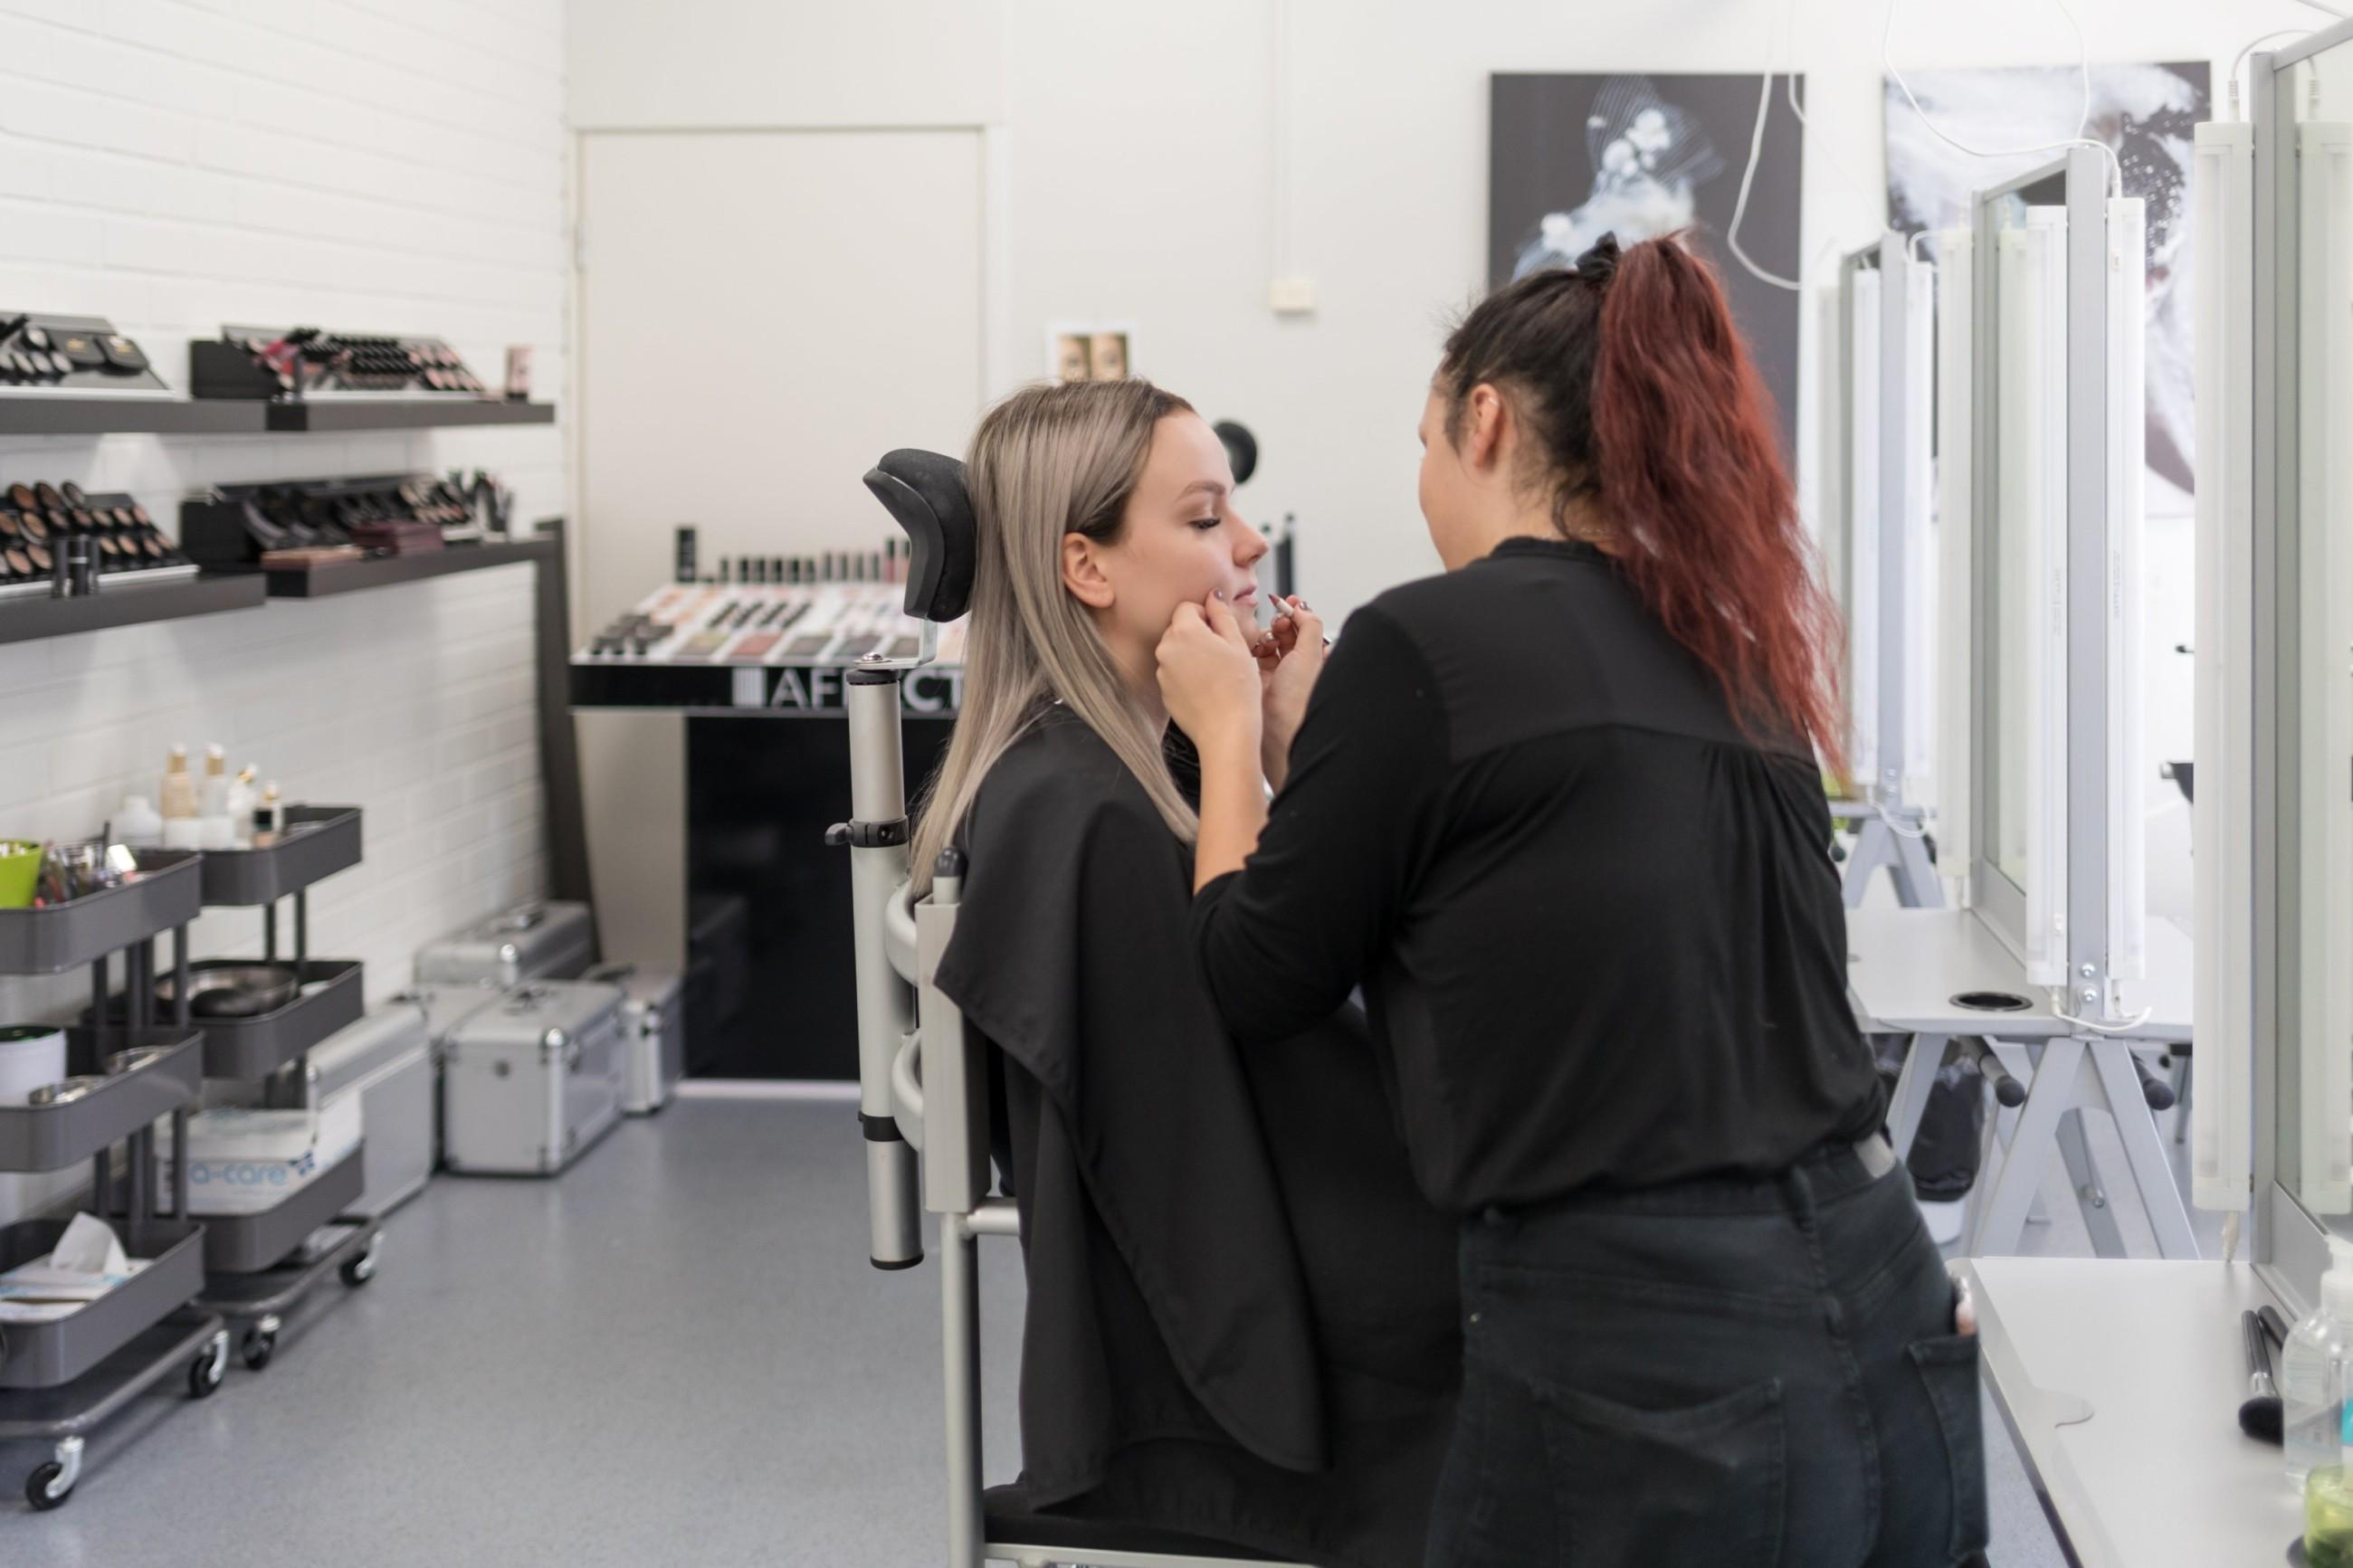 Nainen meikkaa toista naista, taustalla näkyy huone, jonka hyllyillä on kosmetiikkatarvikkeita.